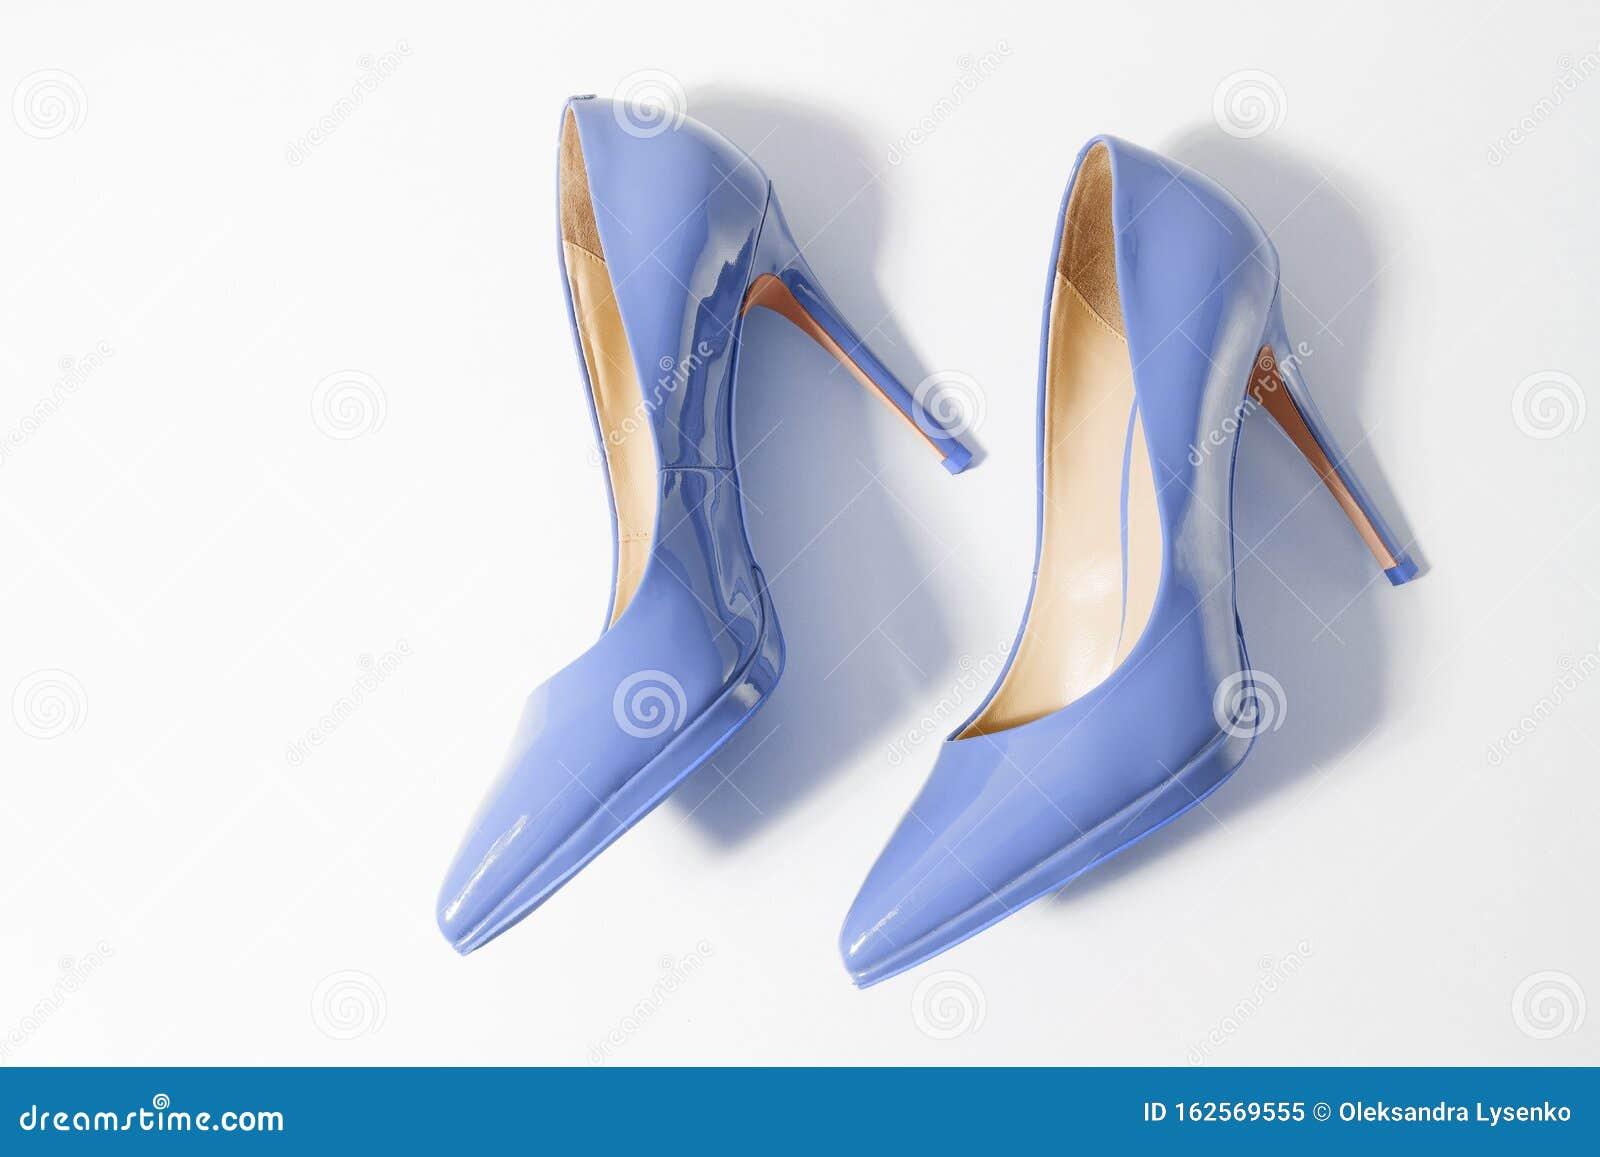 Closeup Blue Women Patent Leather Shoes